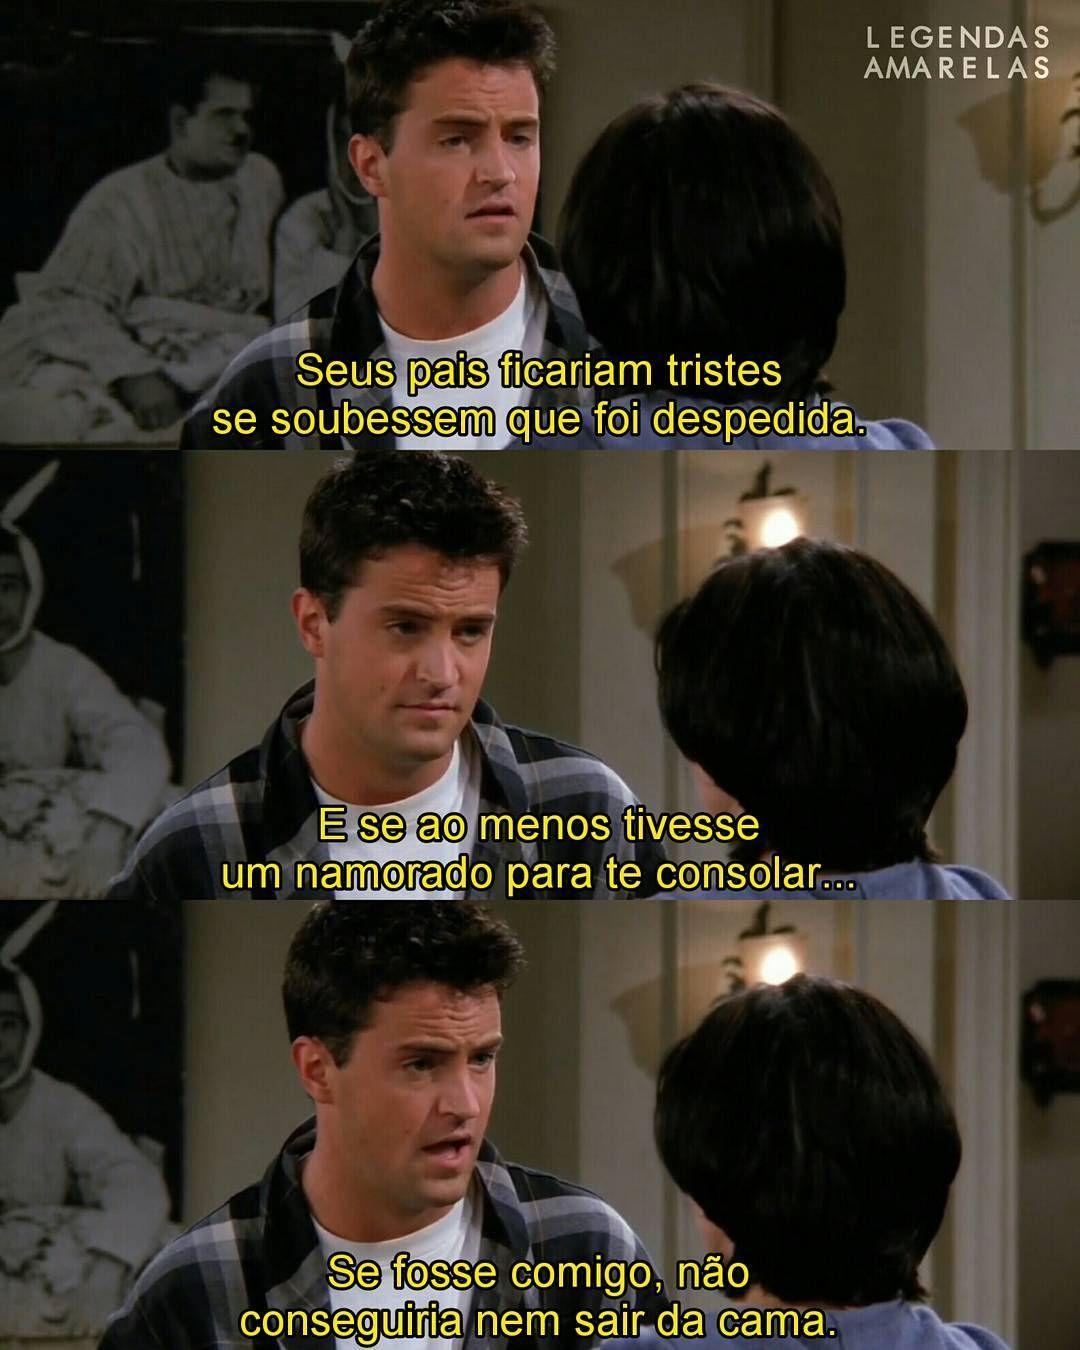 Não Acredito Que Sou A Monica Série Friends 2x07 Friends Netflix Filmes E Series Trechos De Filmes Series E Filmes